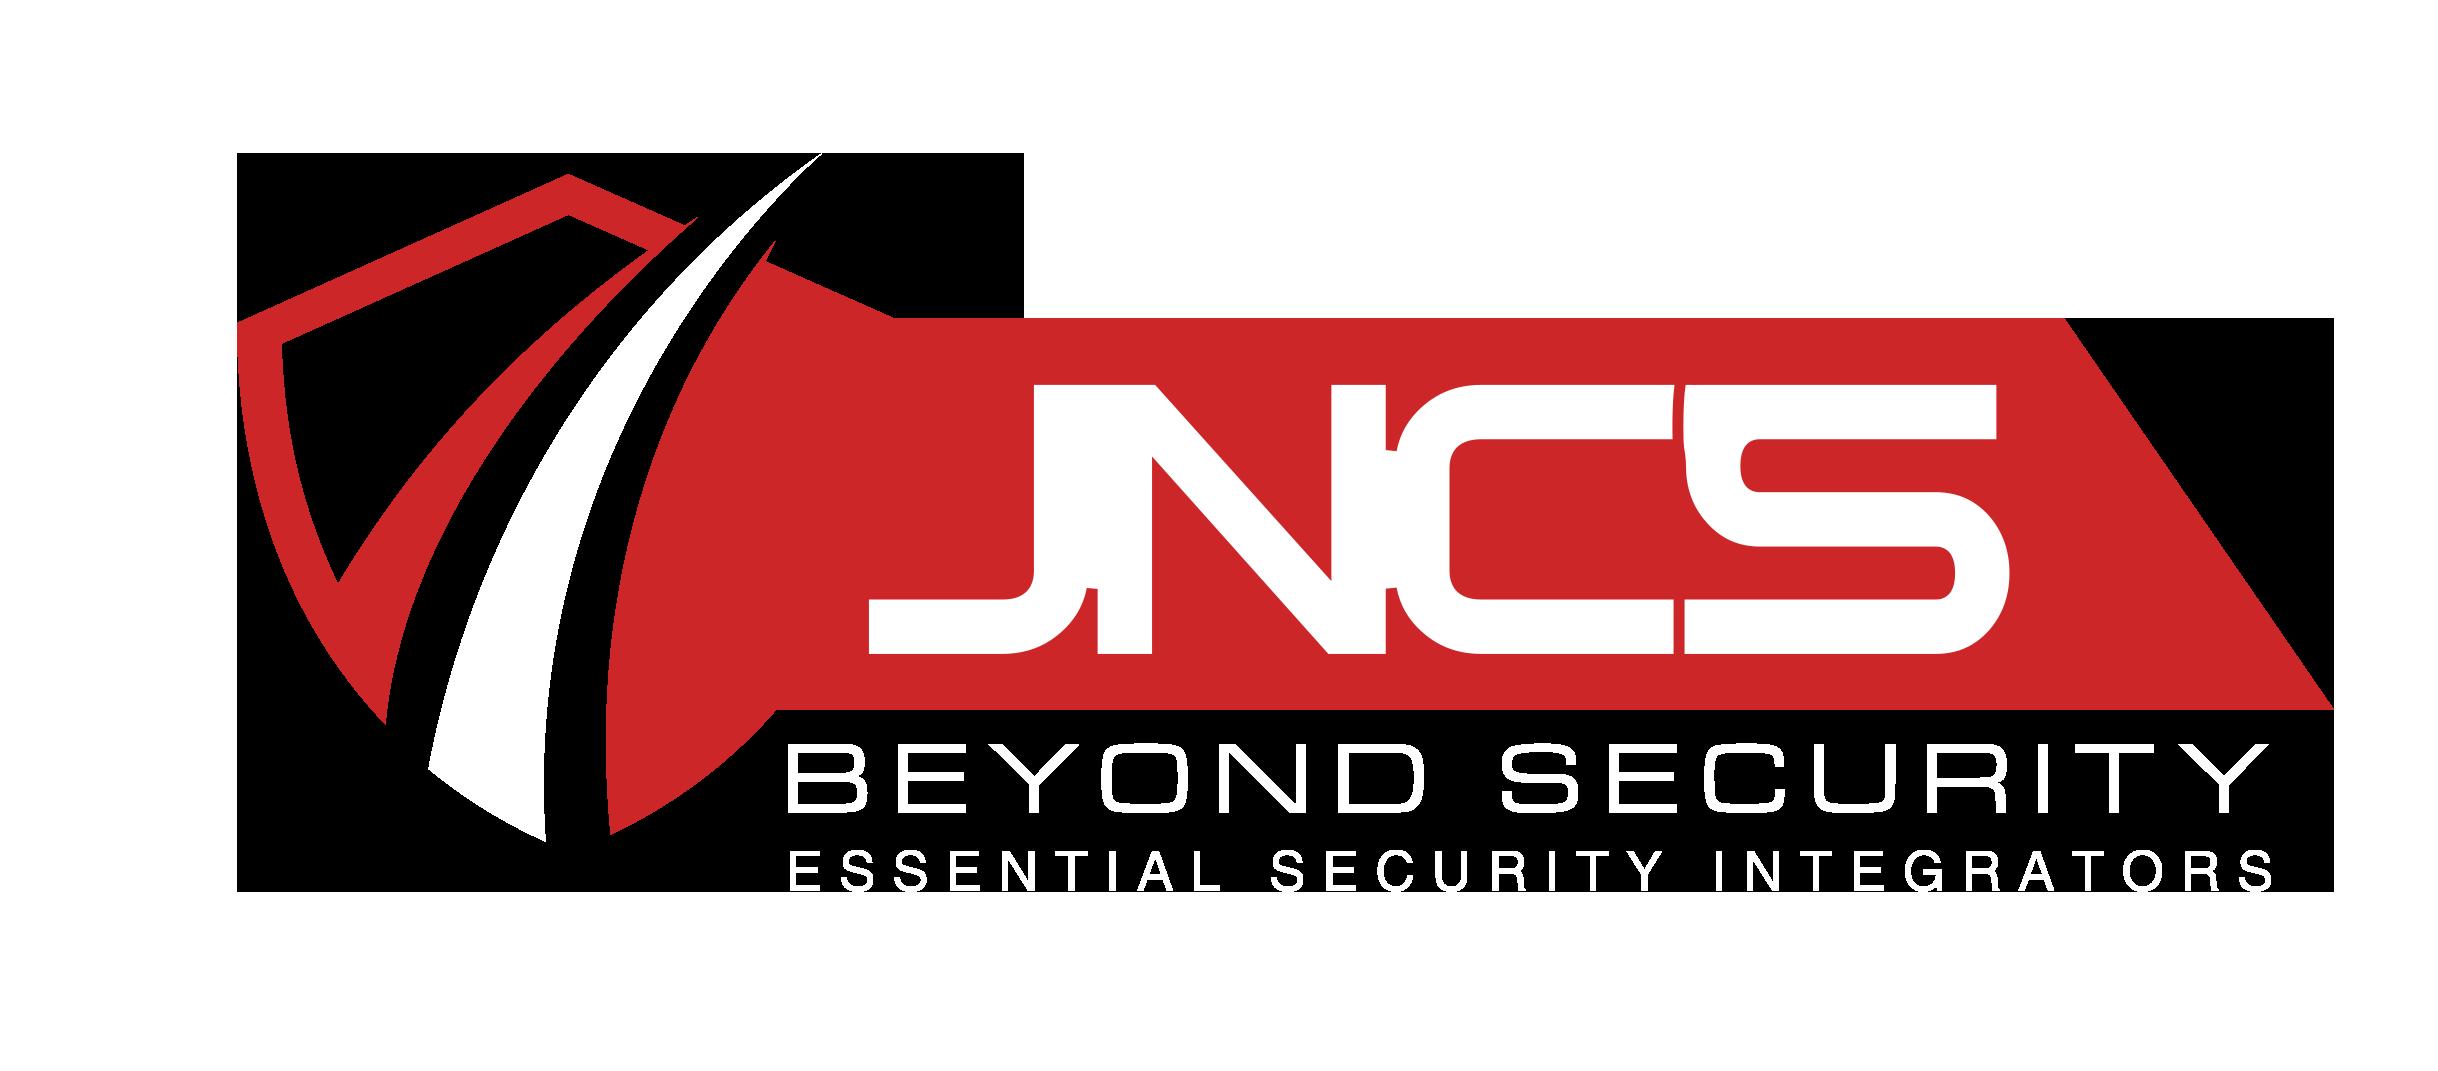 JNCS Beyond Security